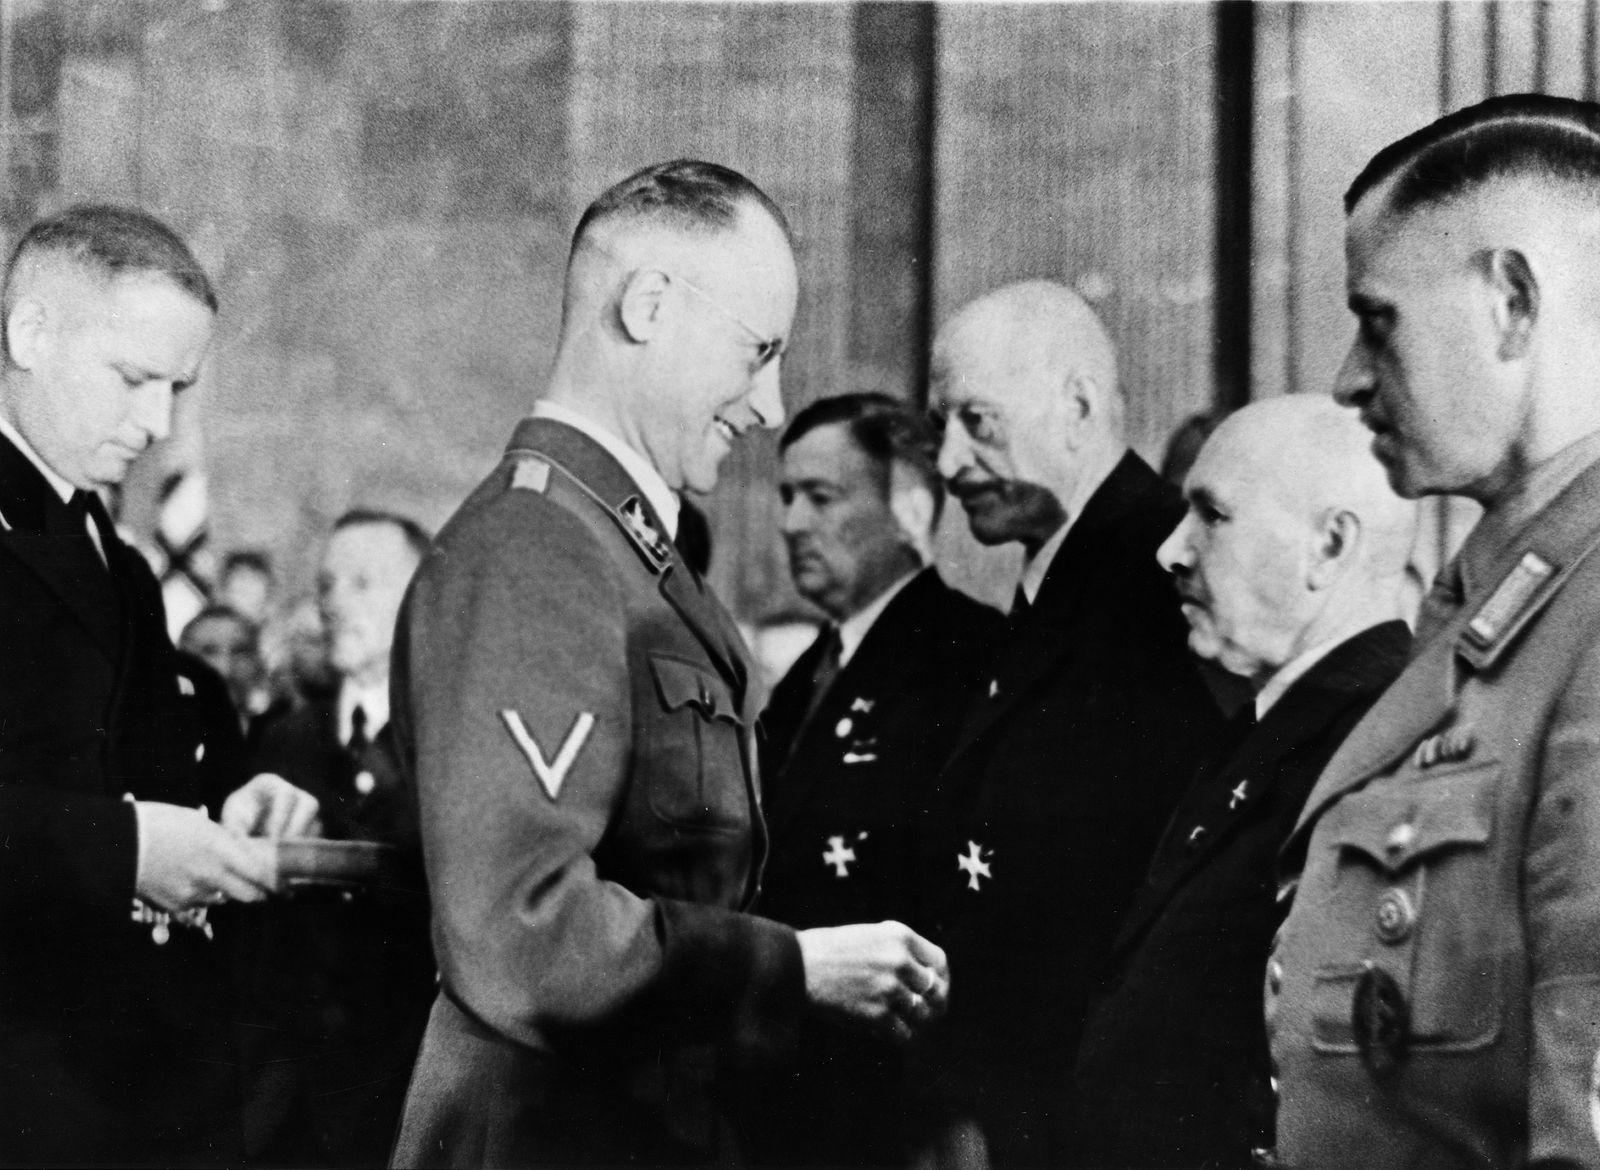 Erntedankfeste - Herbert Backe überreicht Kriegsverdienstkreuze in der neuen Reichskanzlei